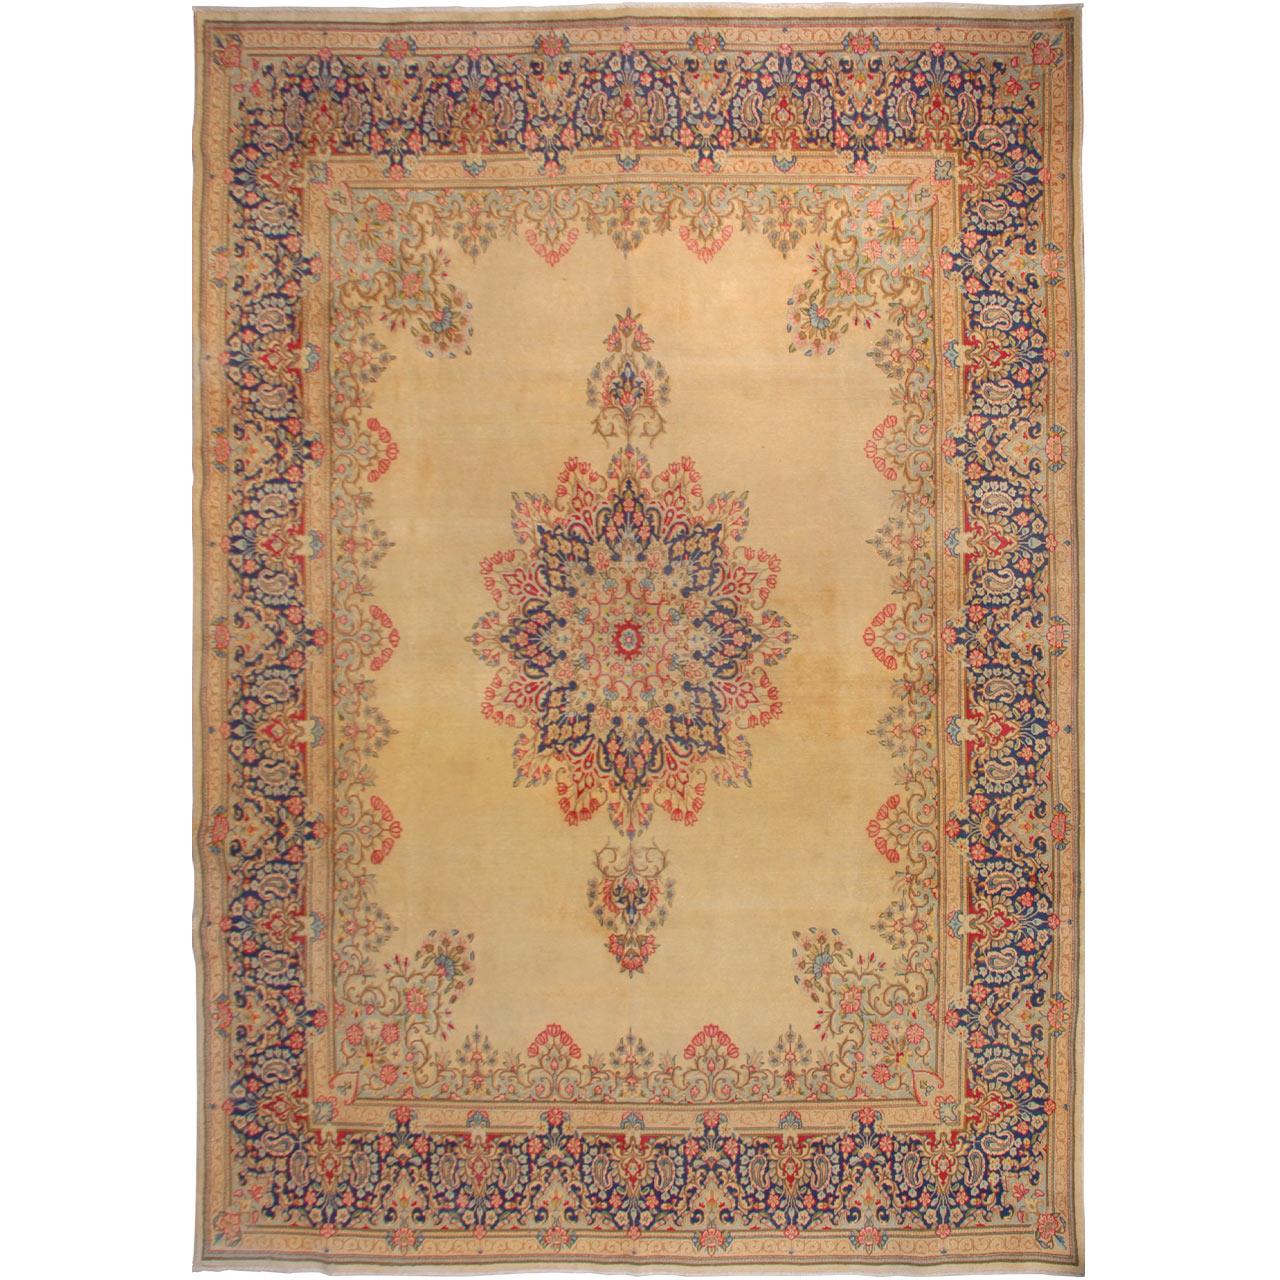 فرش رنگ شده دستبافت هشت متری فرش هریس کد 101469